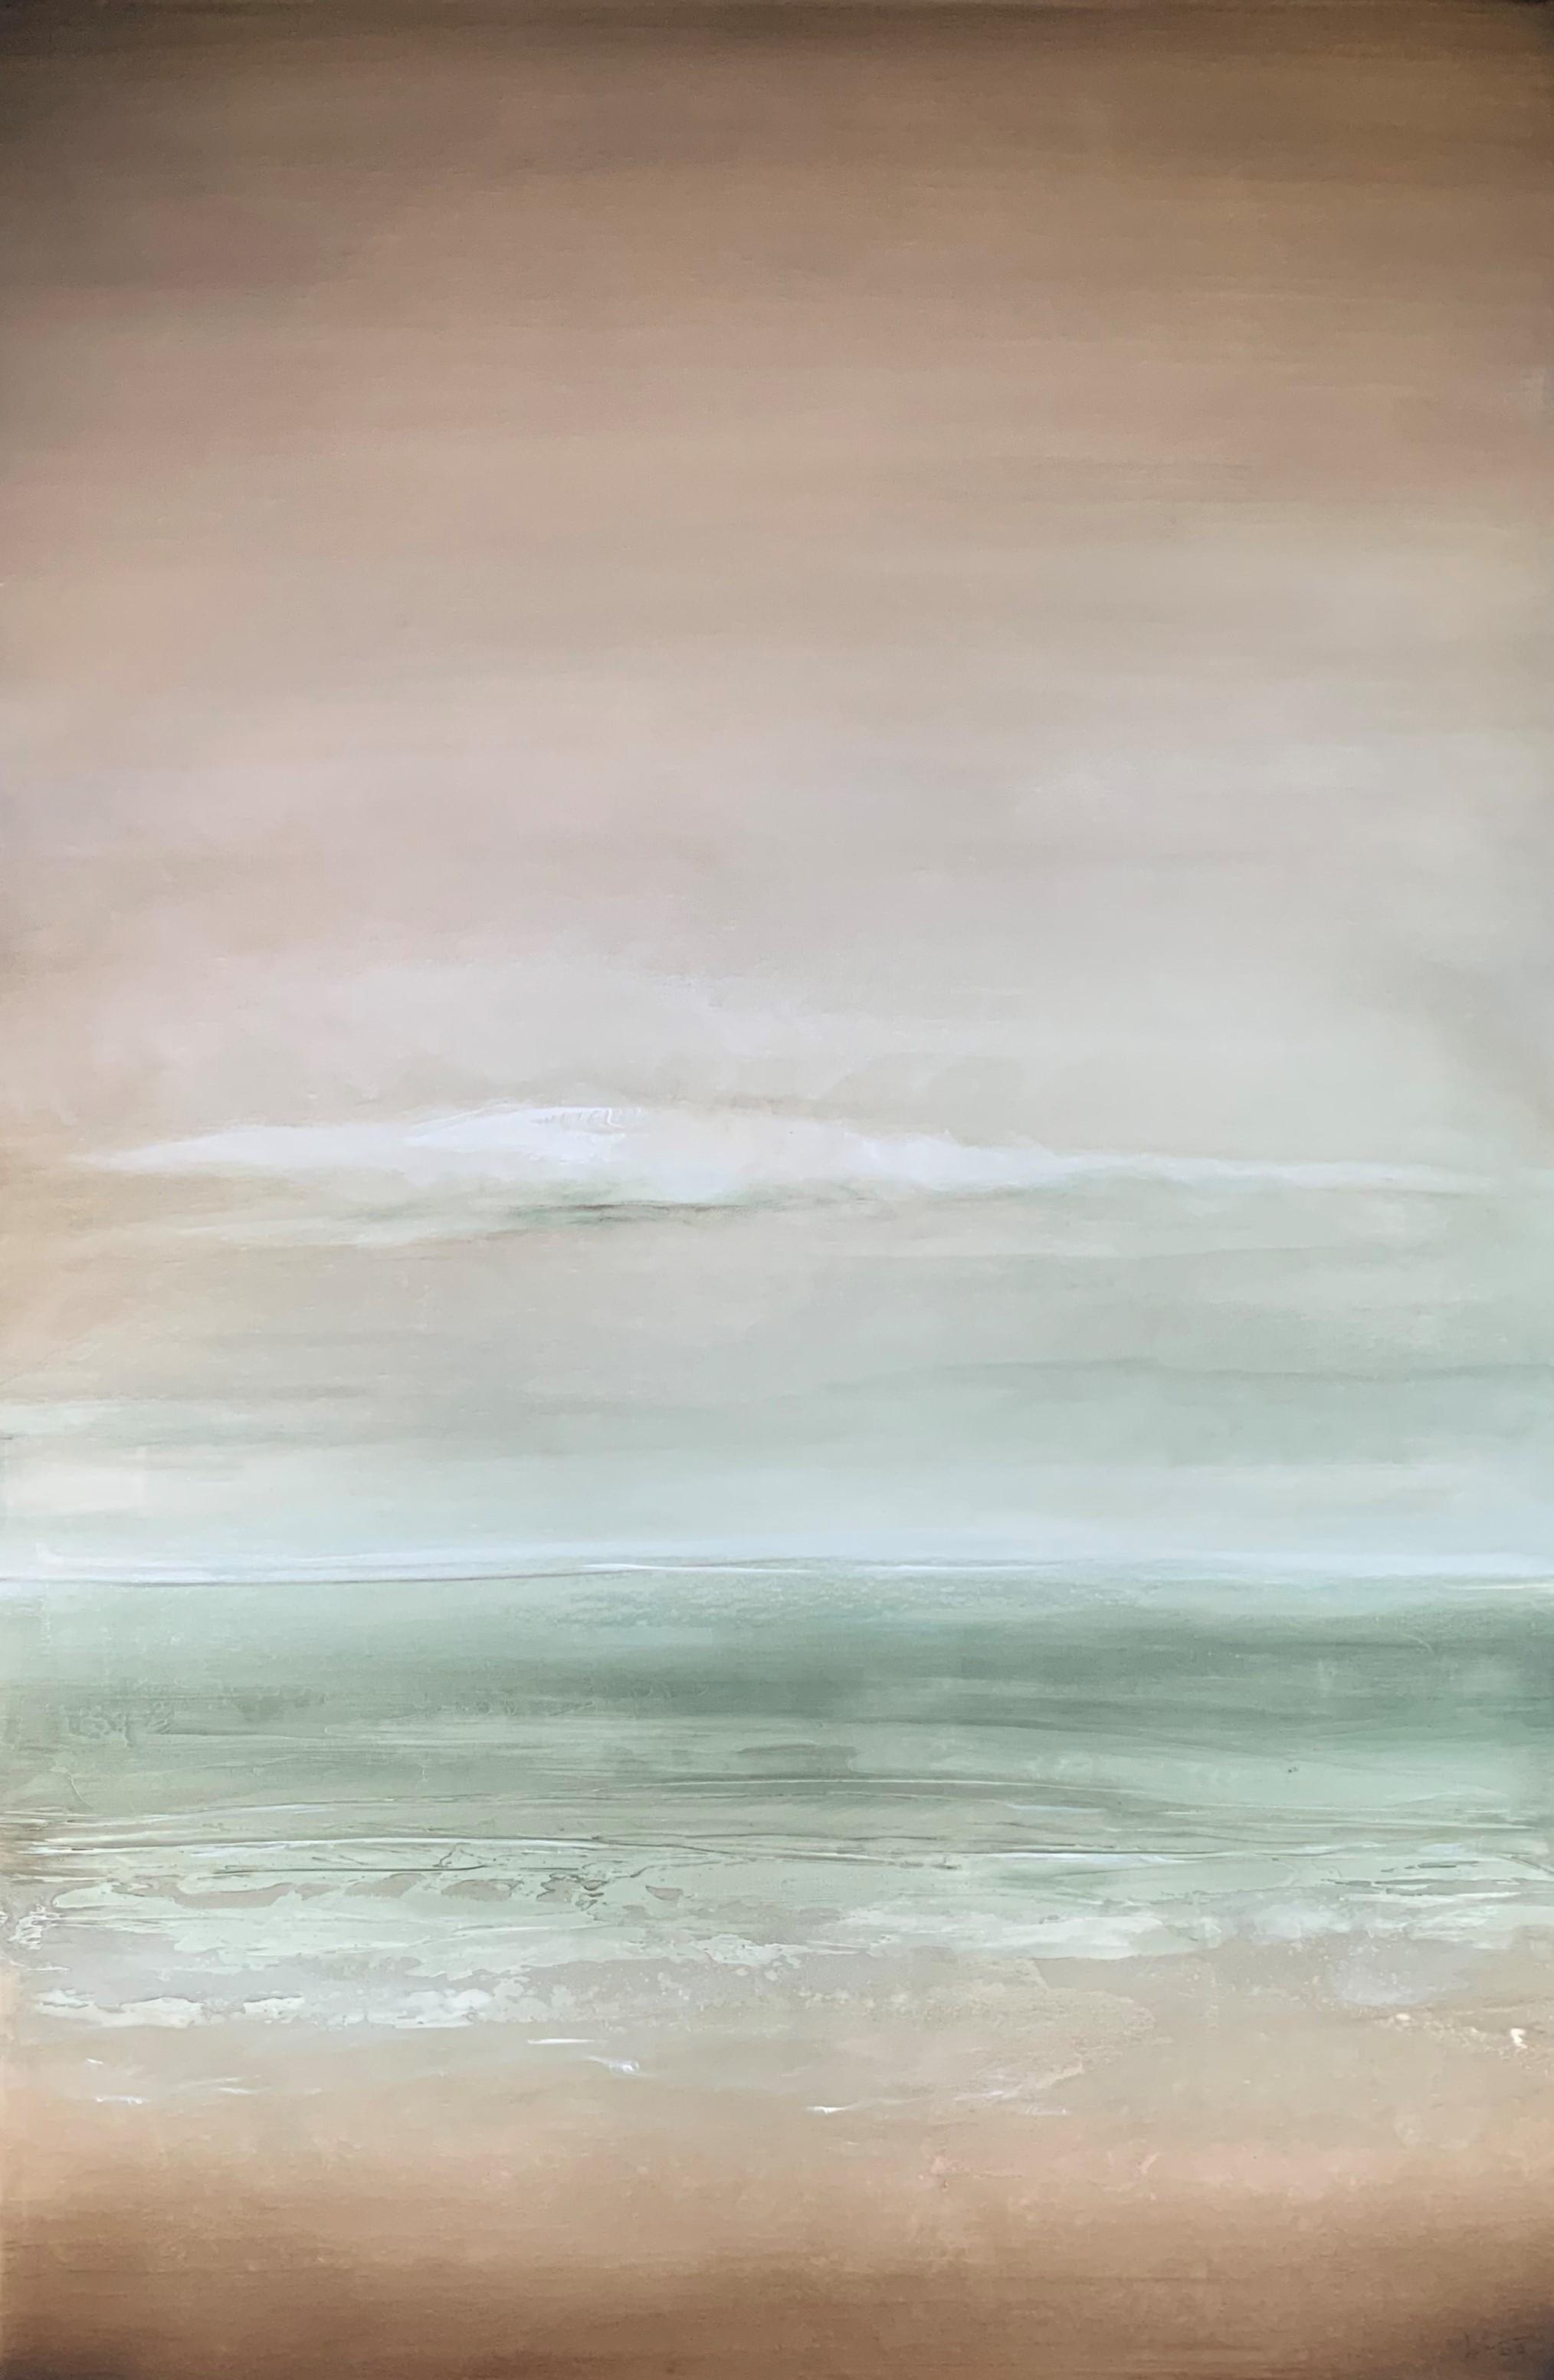 En Bretagne_Sonja Riemer Art